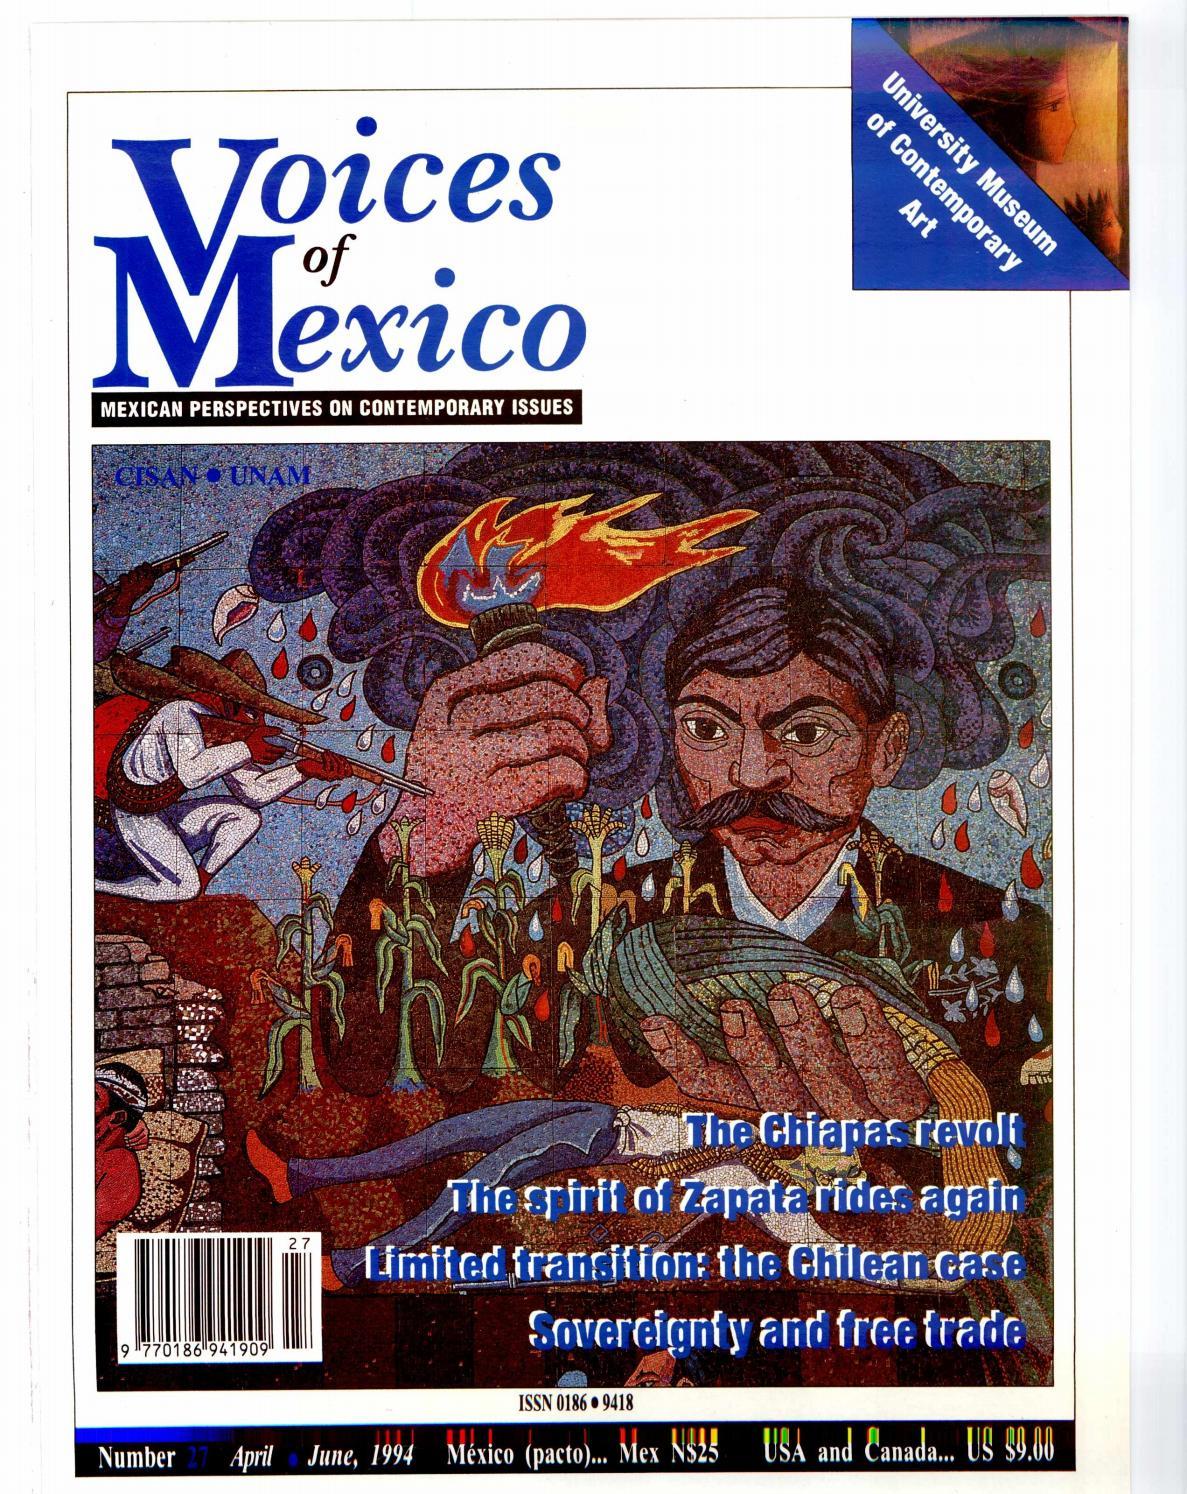 Zapata Emiliano Zapata POSTER 24 X 36 INCH Mexico History Revolution bullets